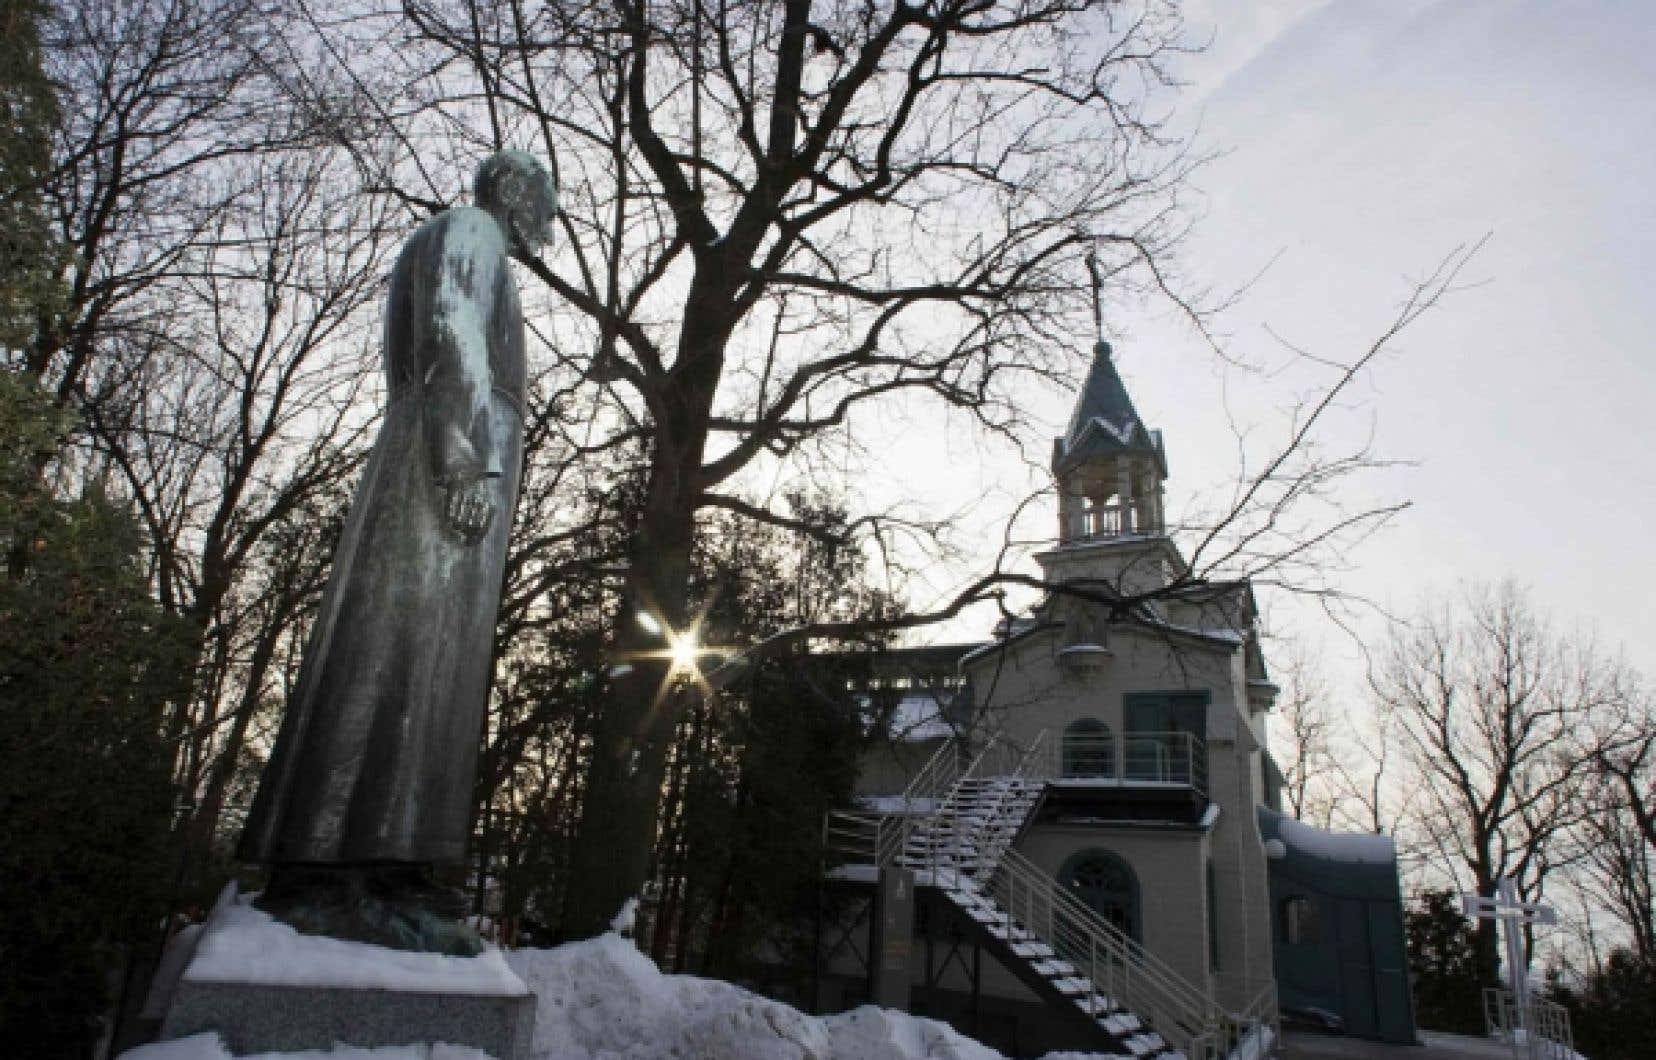 Jeux de lumière sur la statue du frère André, qui surplombe la chapelle portant son nom.